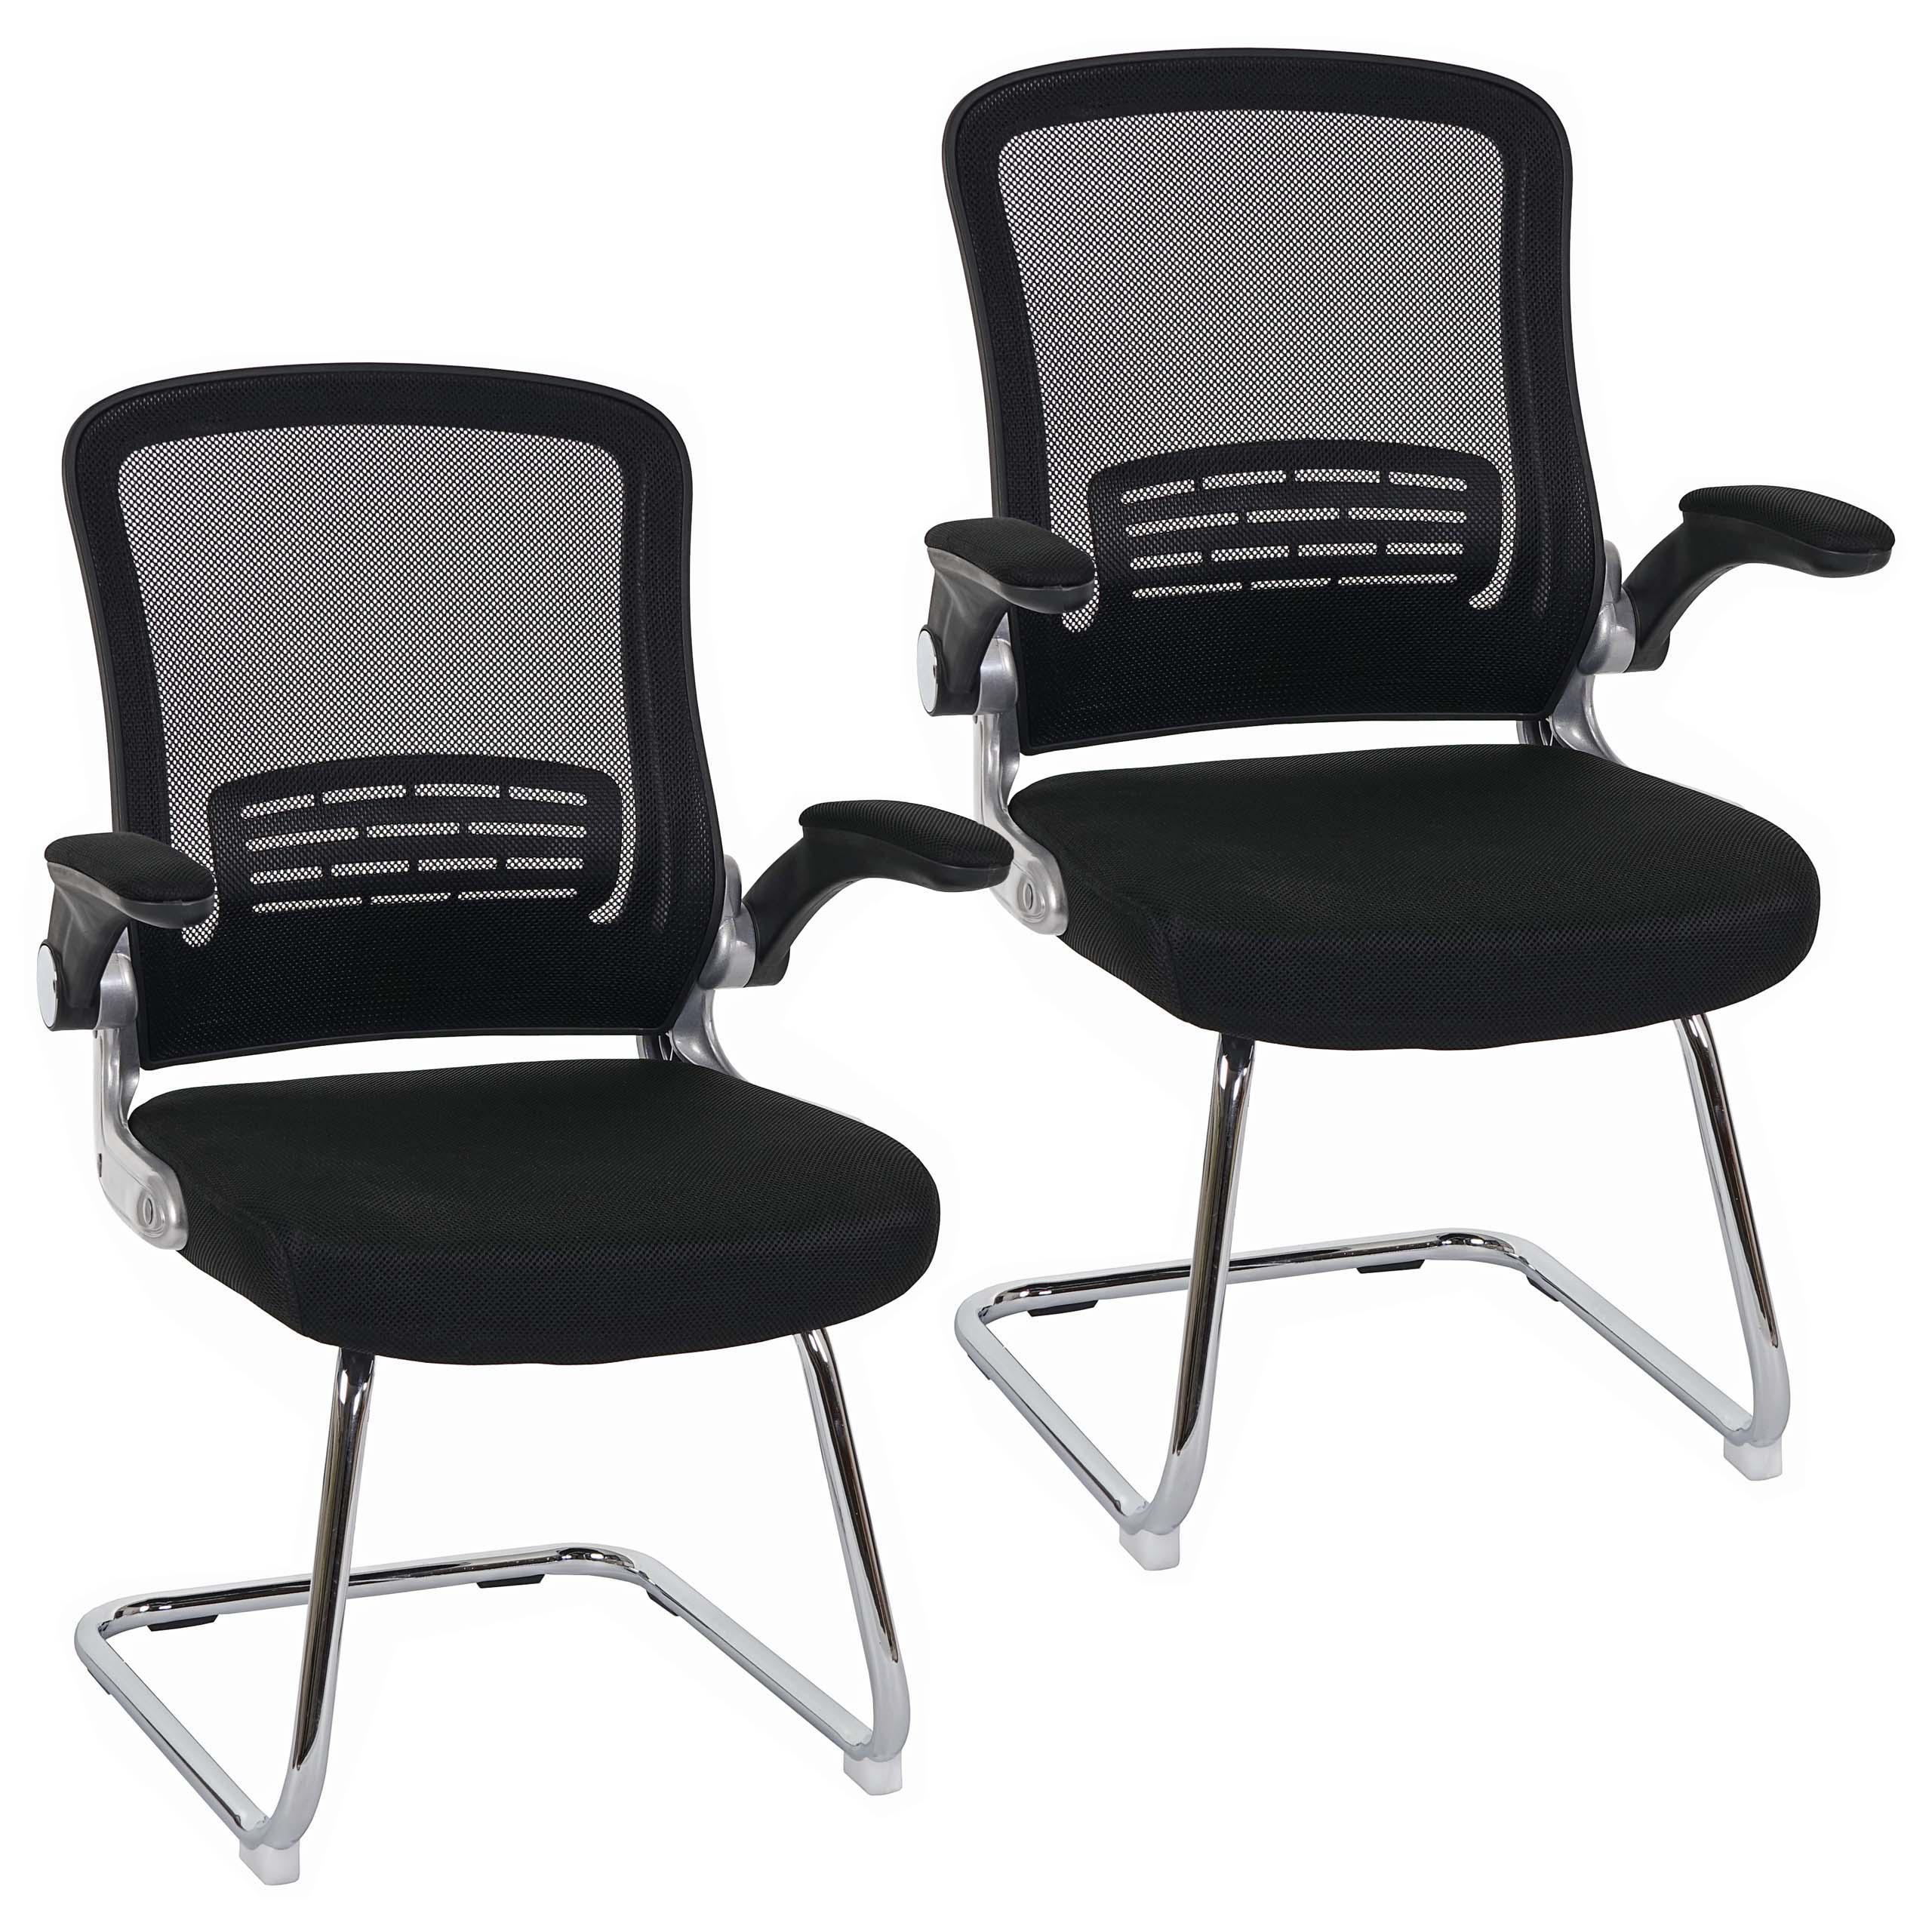 Scegli fra 9 design di sedie per sala d'attesa ...